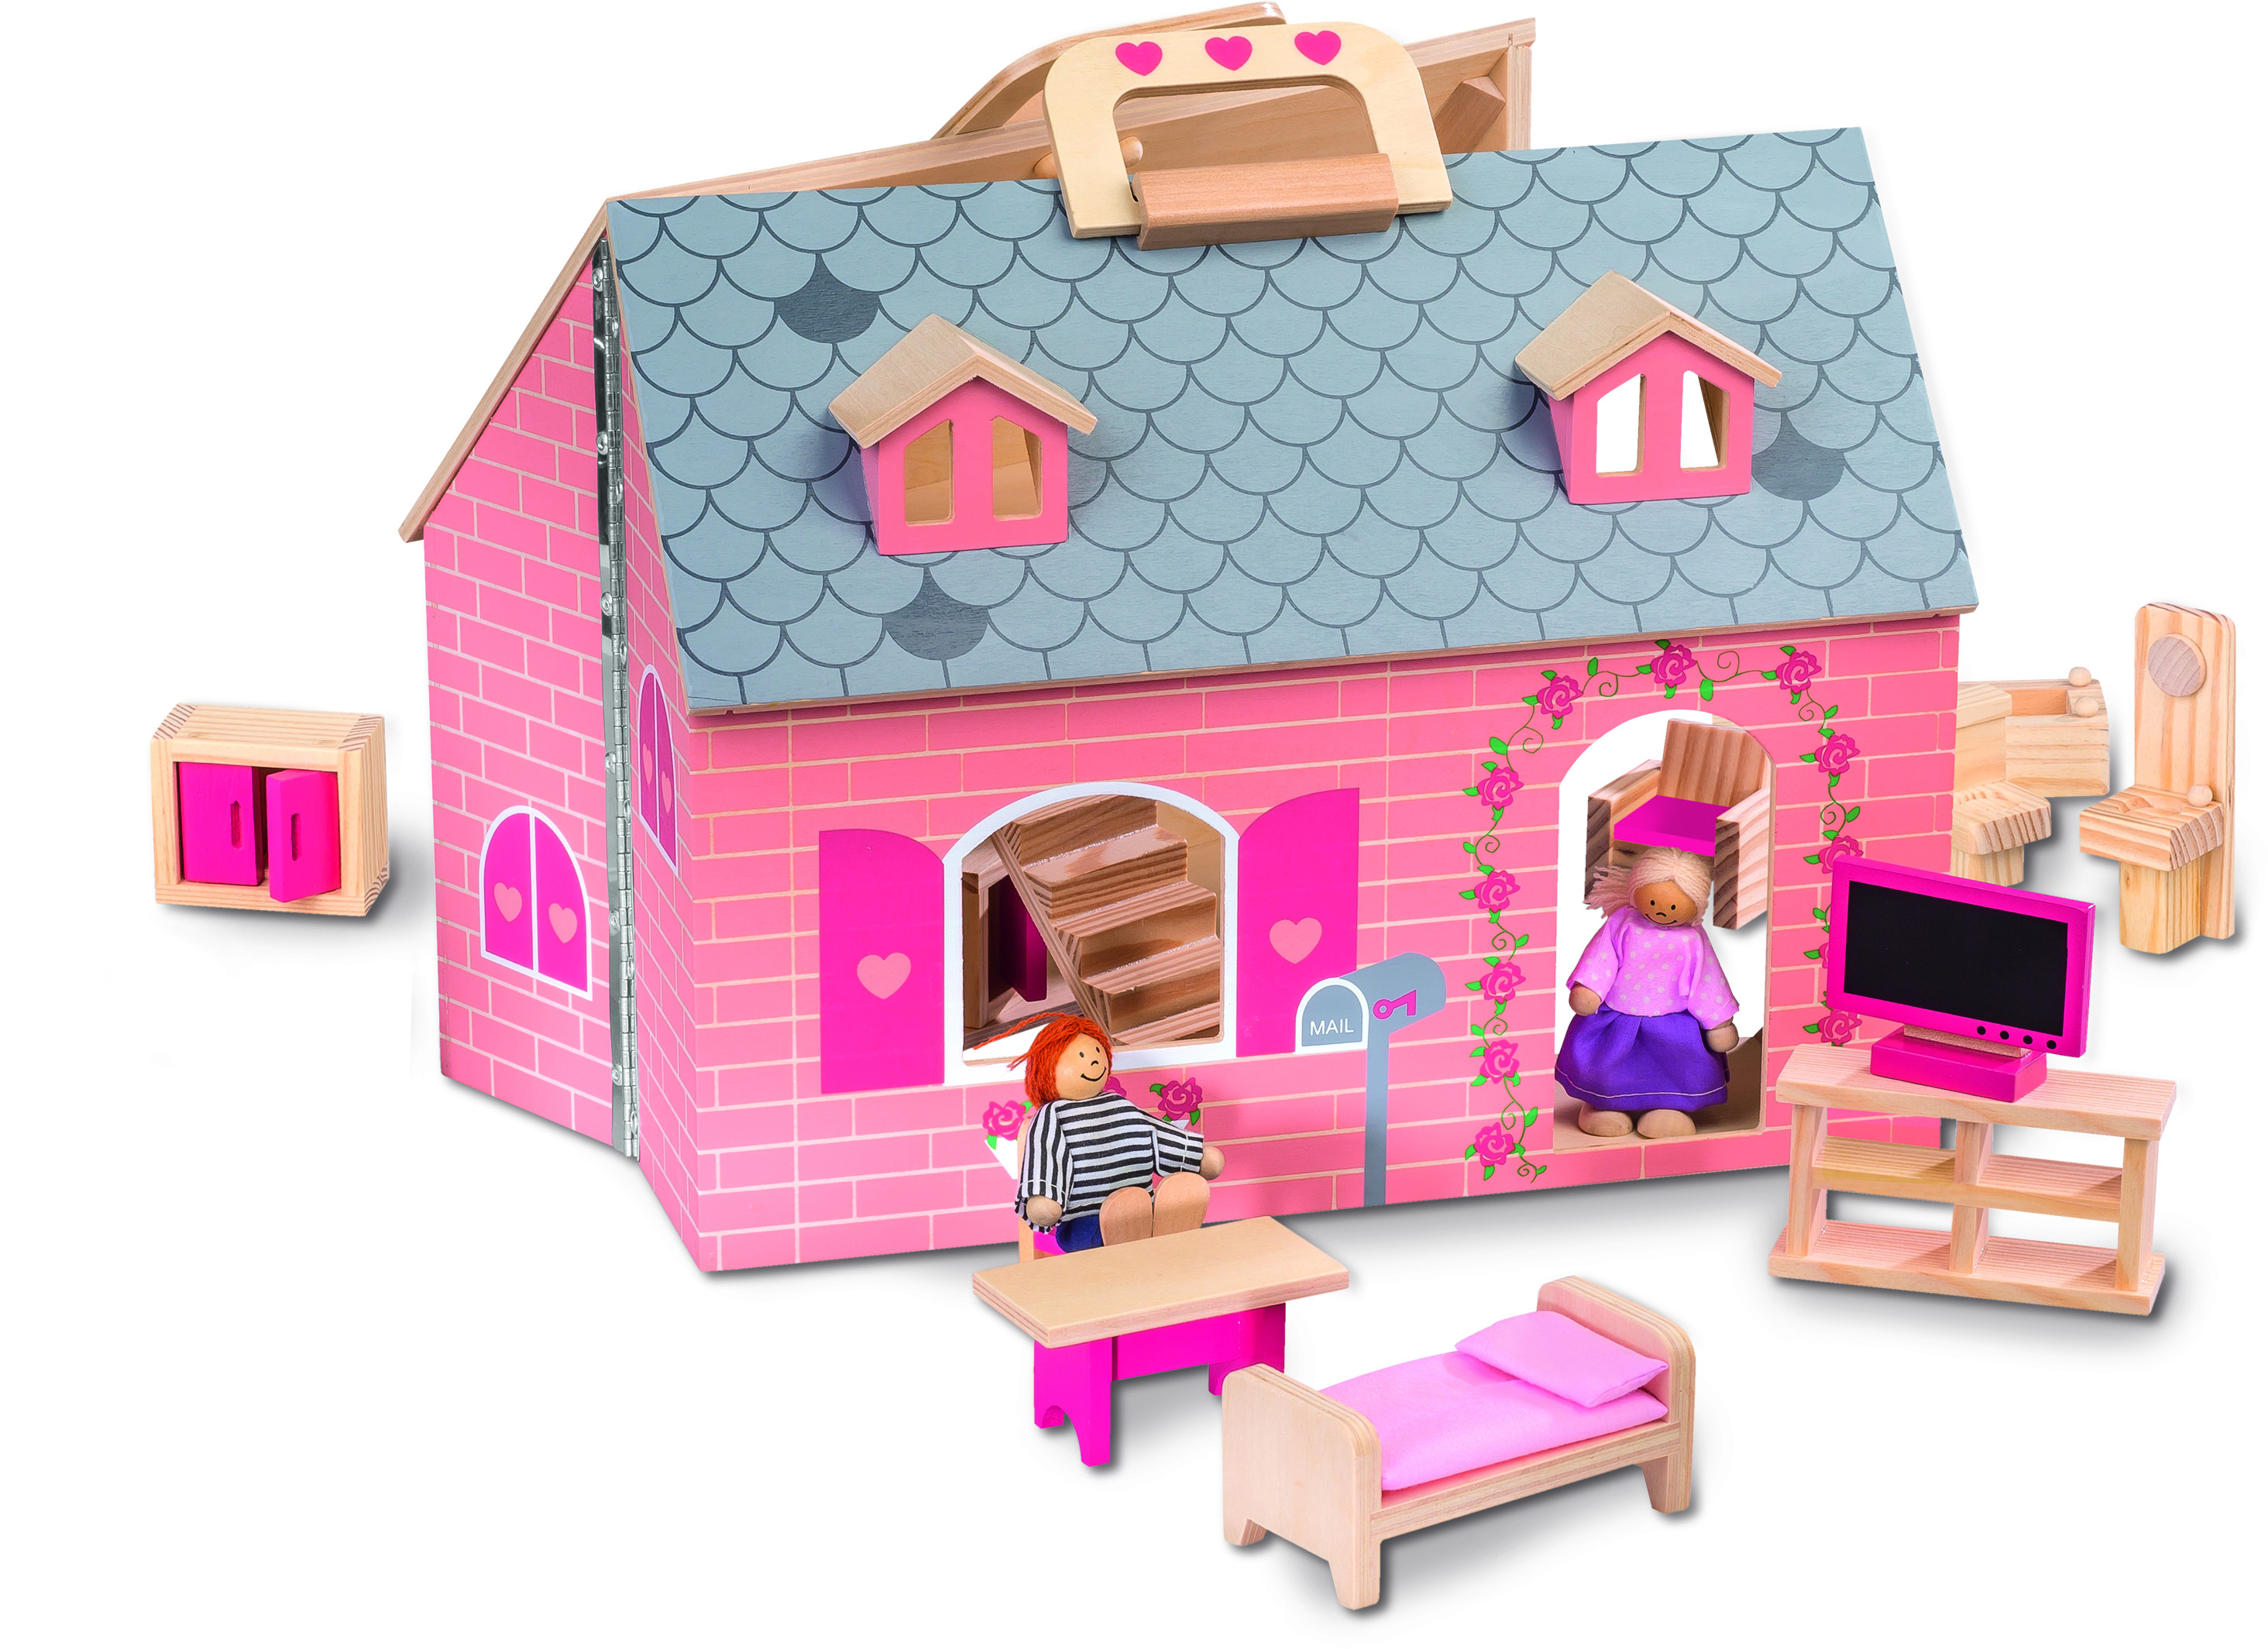 Maison En Bois Lidl : Jouets en bois_Maison de poup?e_Lidl_Expressionsdenfants